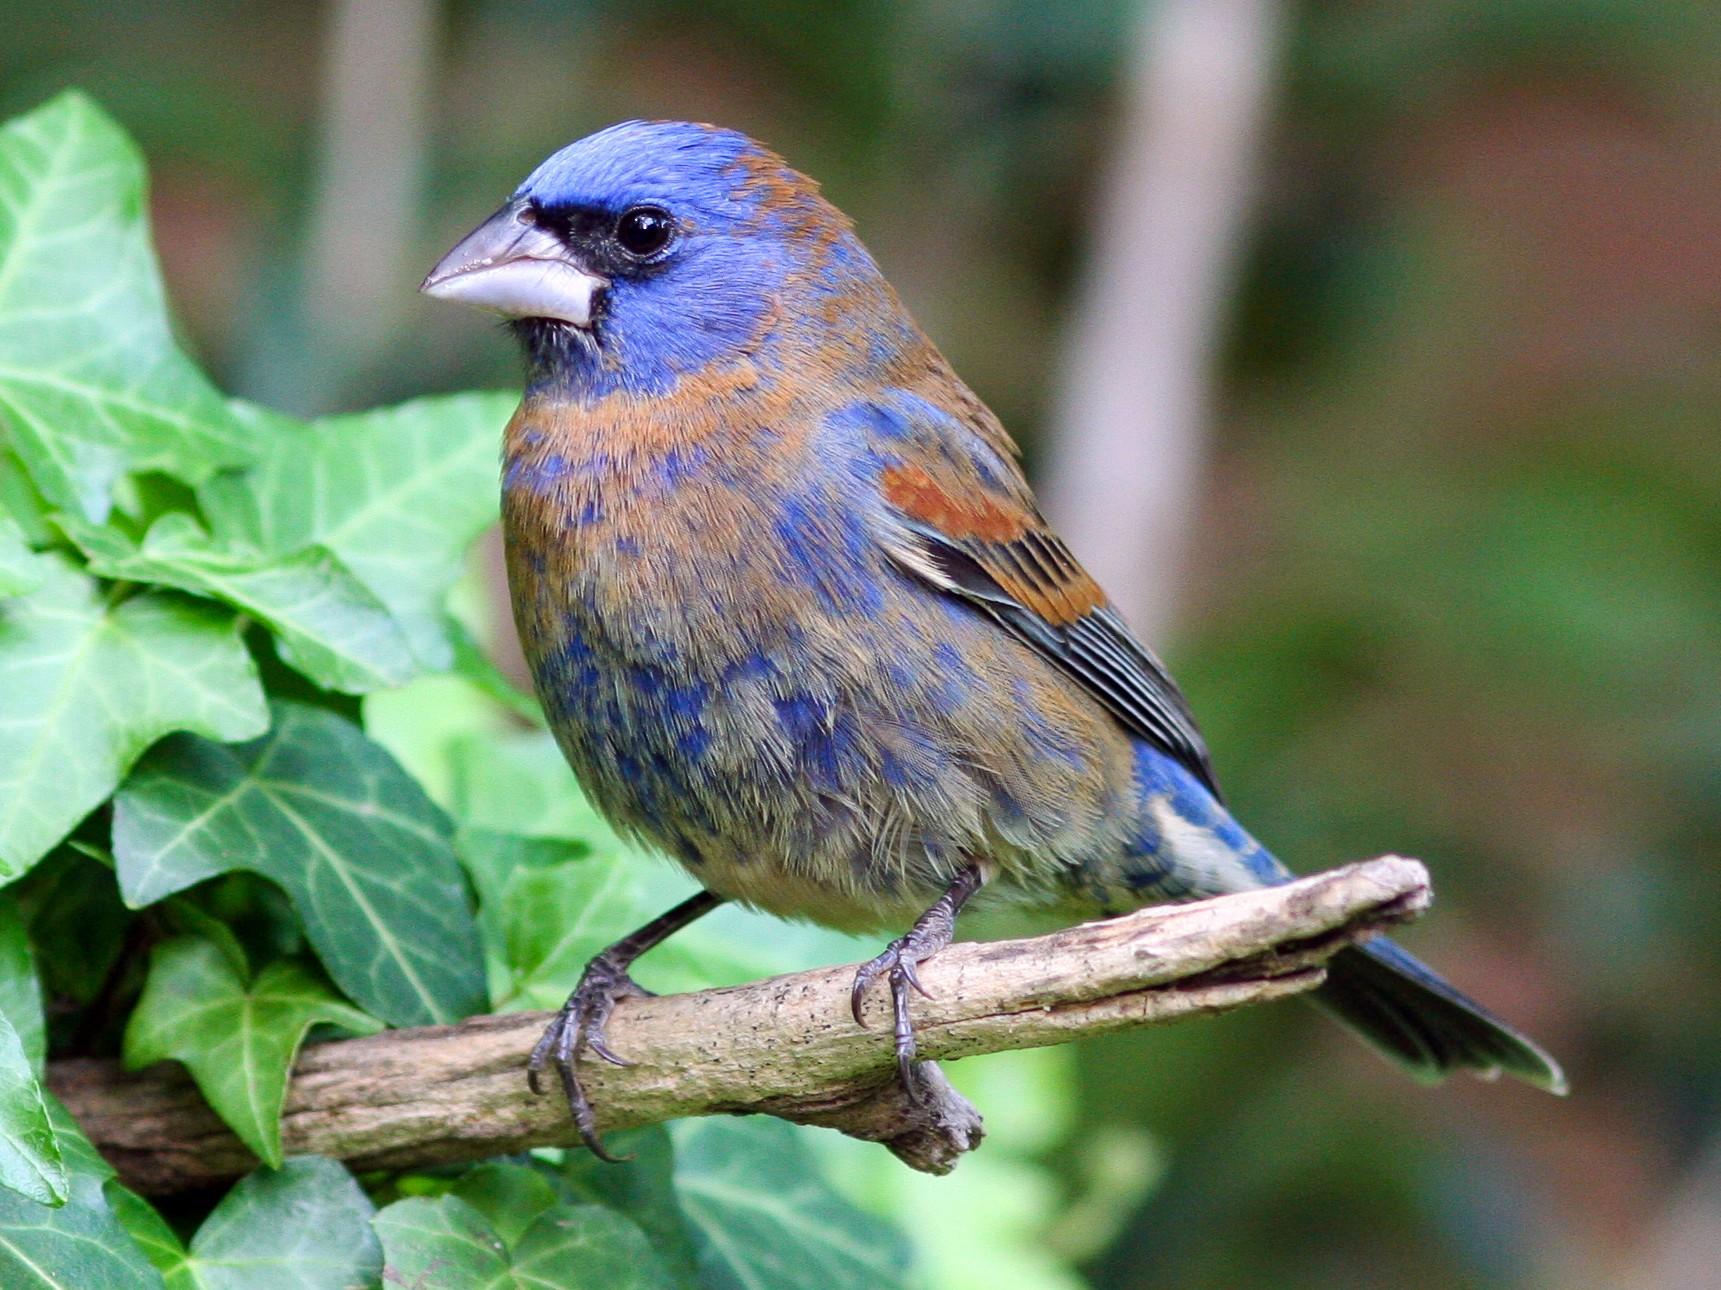 Blue Grosbeak - David Disher